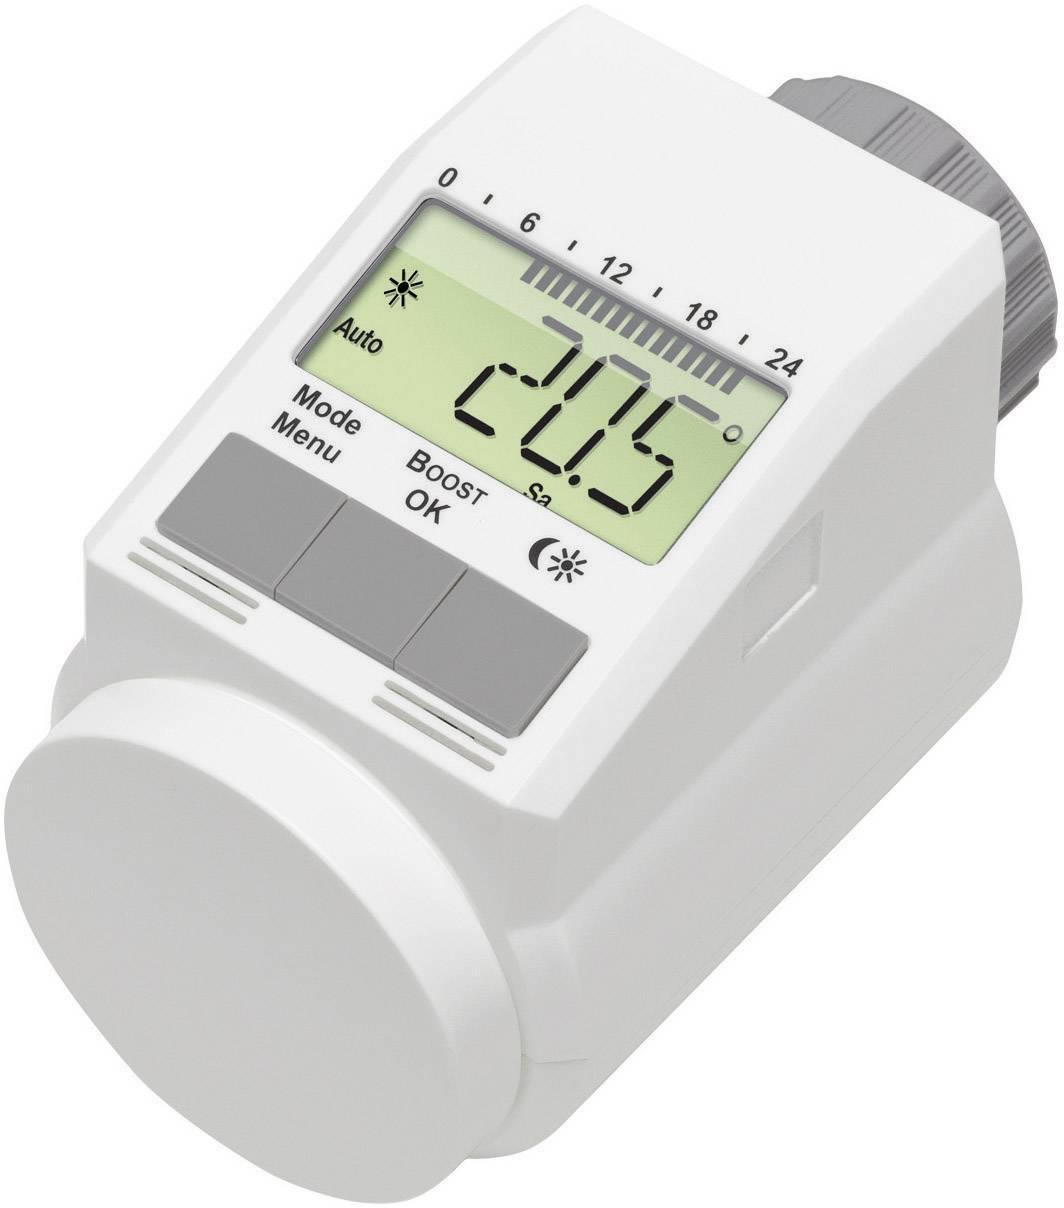 Programovateľná termostatická hlavica eqiva L-Regler CC-RT-O-CNL-W-R5-2 / 130809, 5 do 29.5 °C